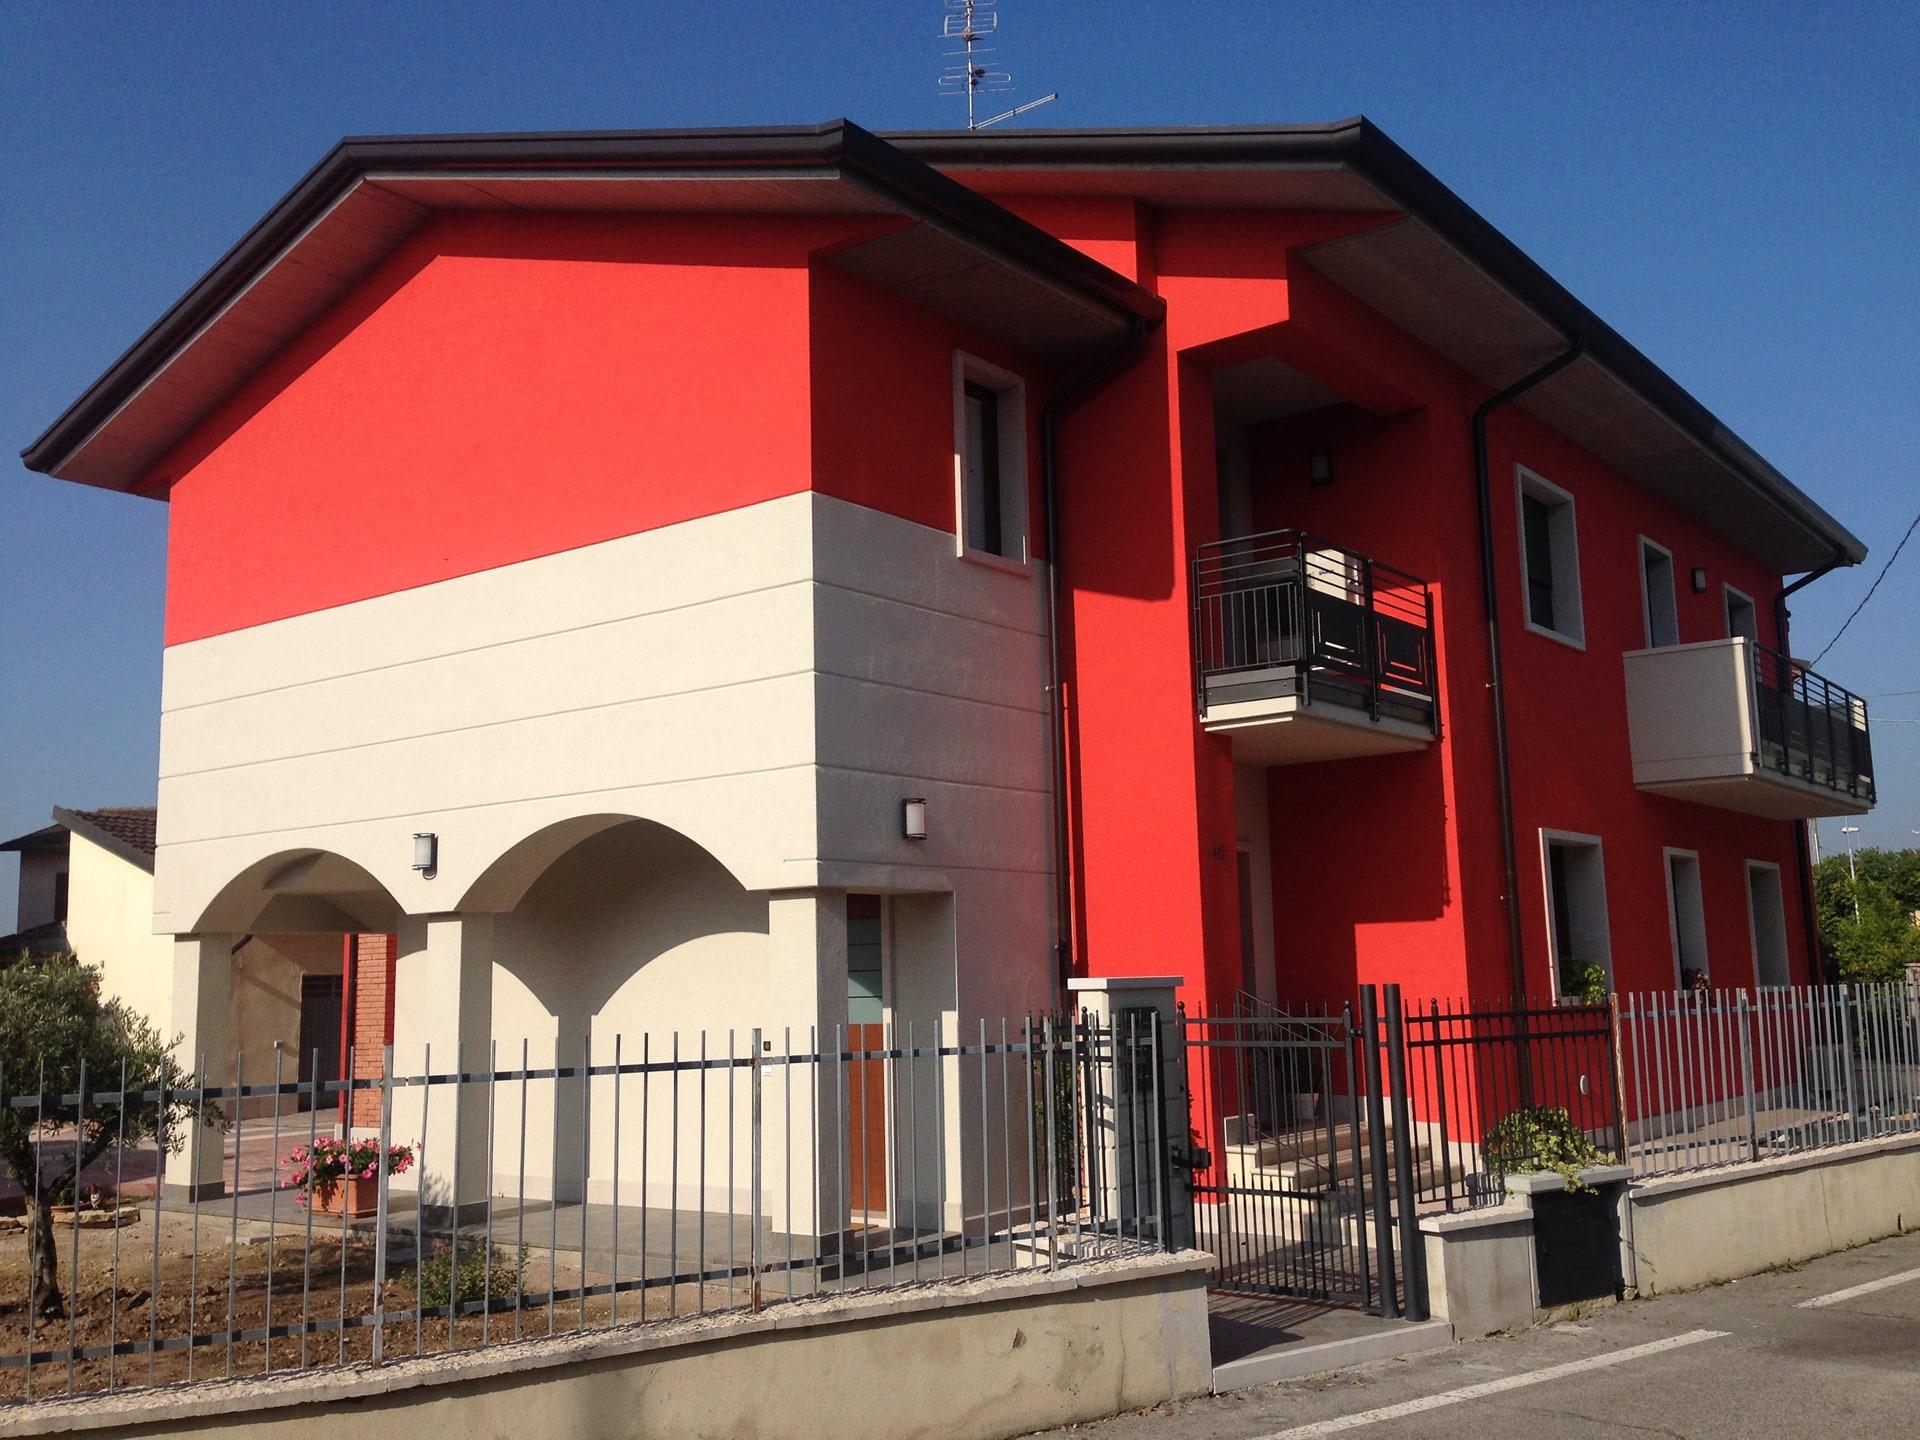 ampliamento-ristrutturazione-fabbricato-residenziale_1